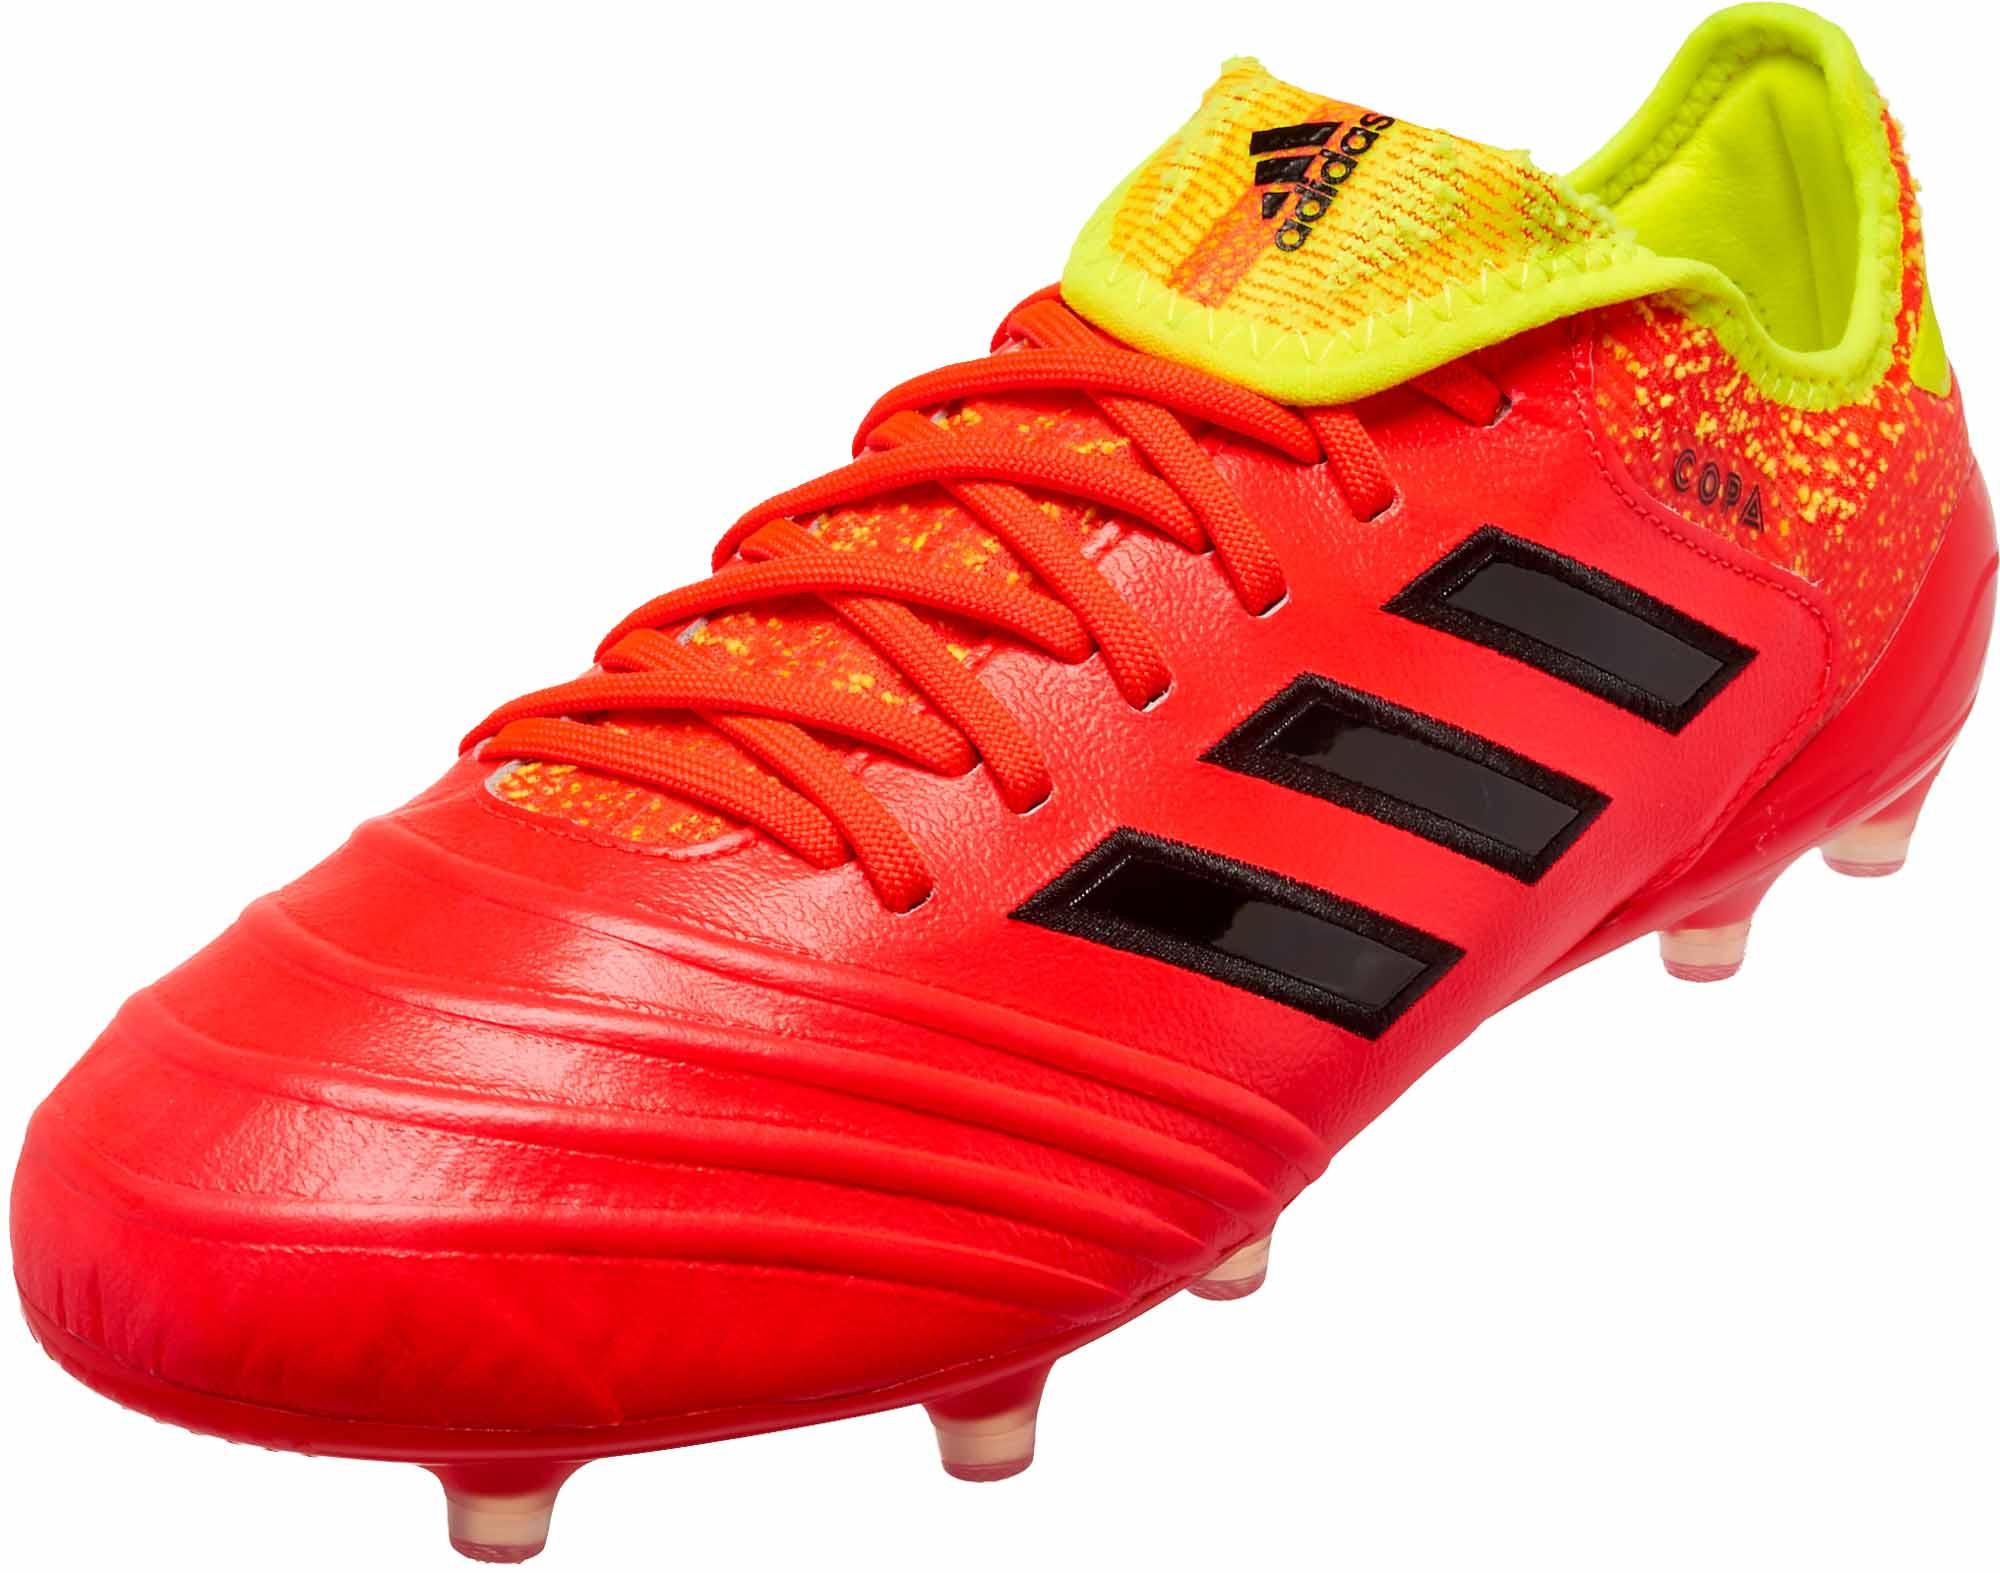 wholesale dealer 47f7a f8d6d adidas Copa 18.1 FG – Solar RedBlackSolar Yellow